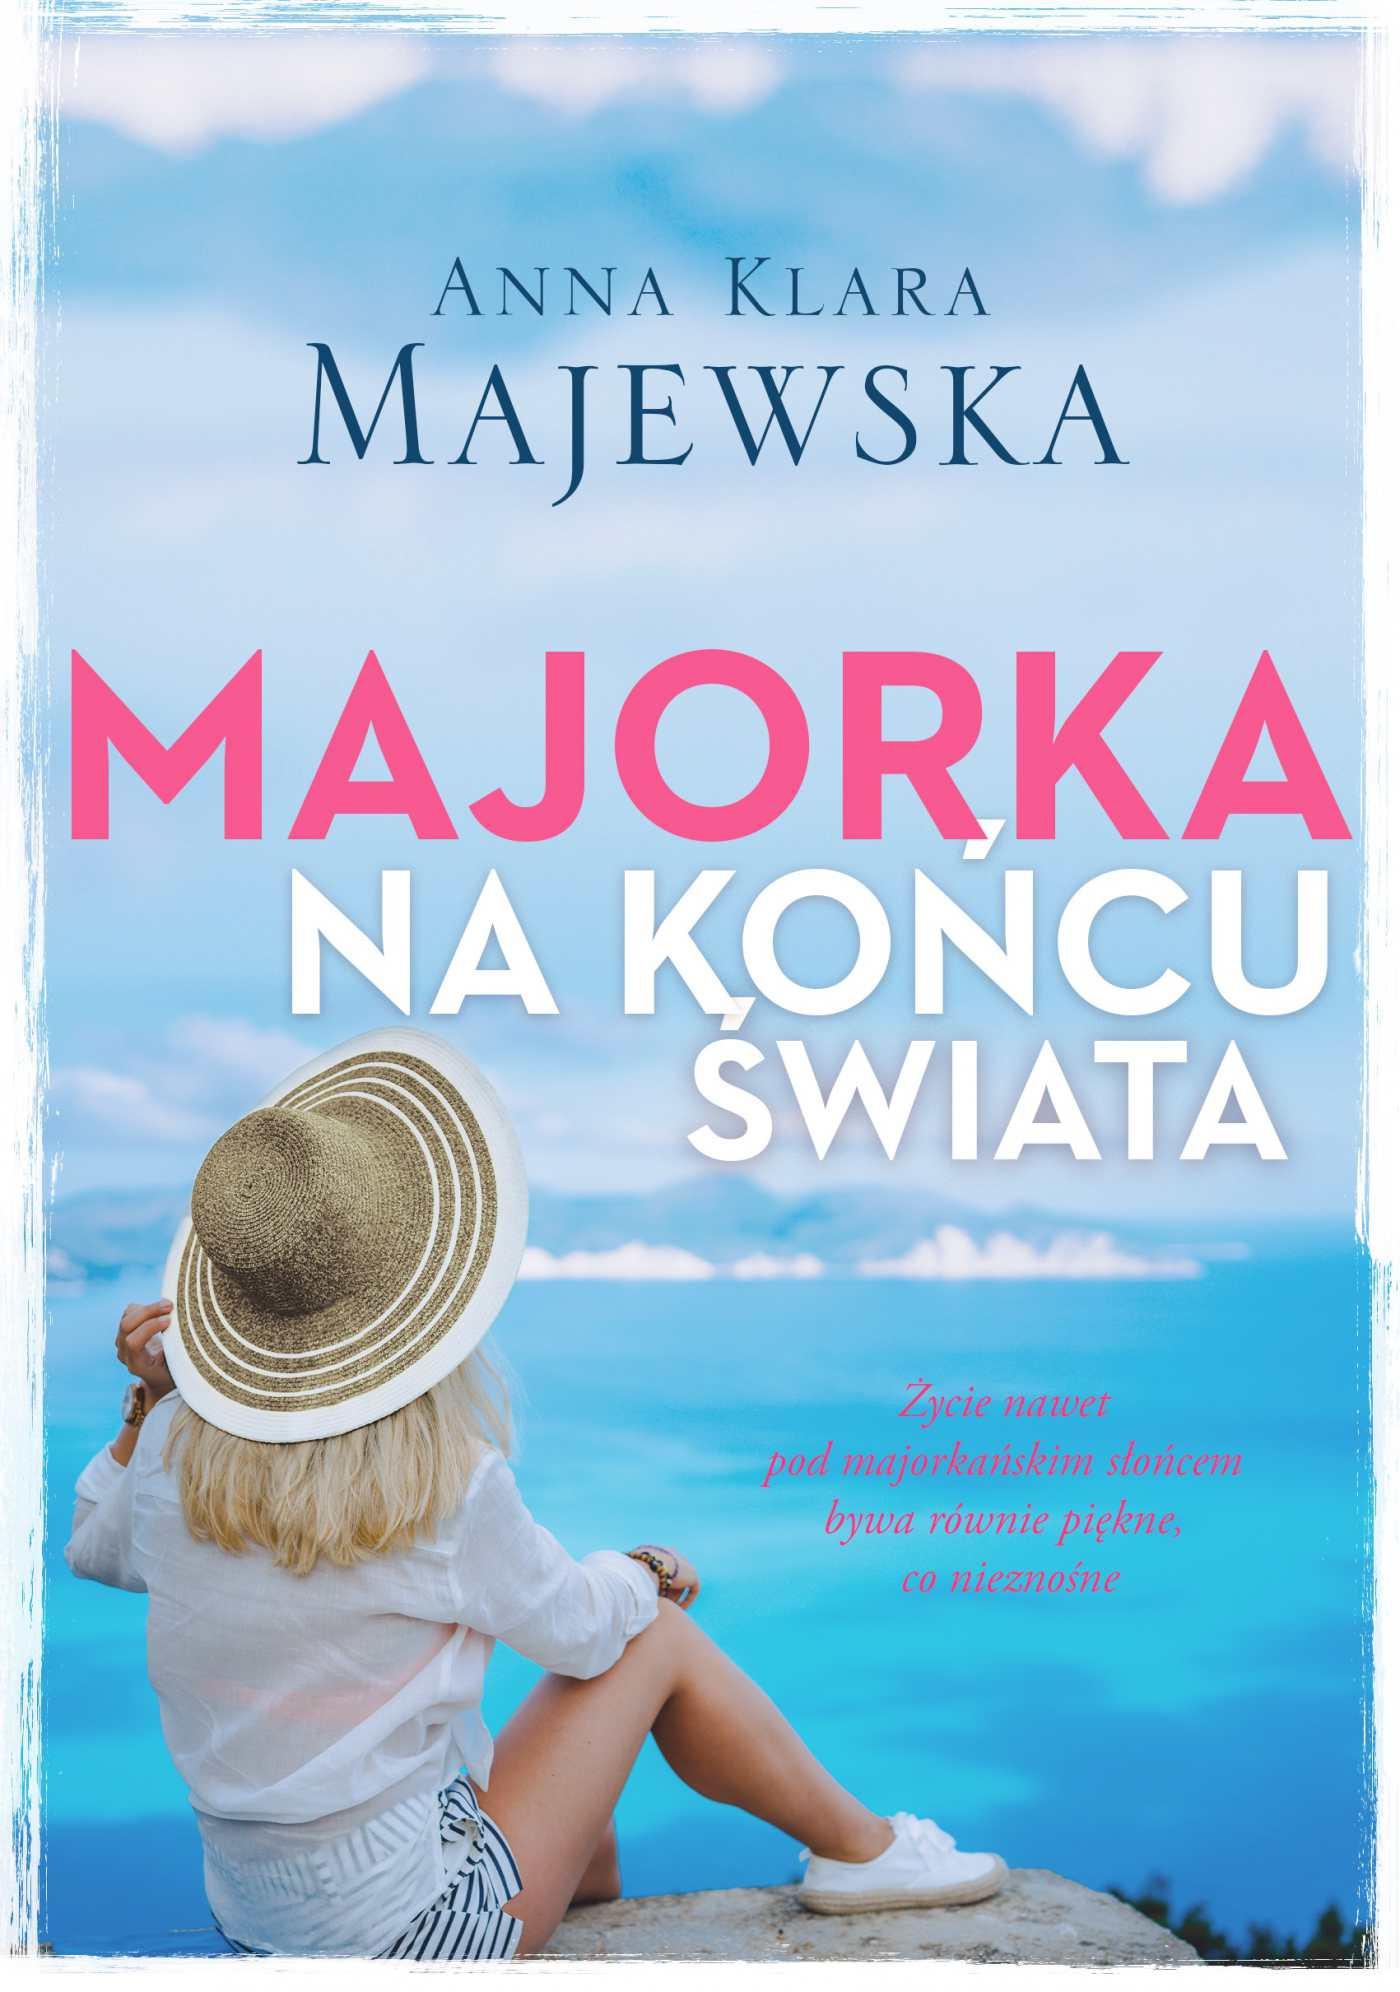 Majorka na końcu świata - Ebook (Książka EPUB) do pobrania w formacie EPUB